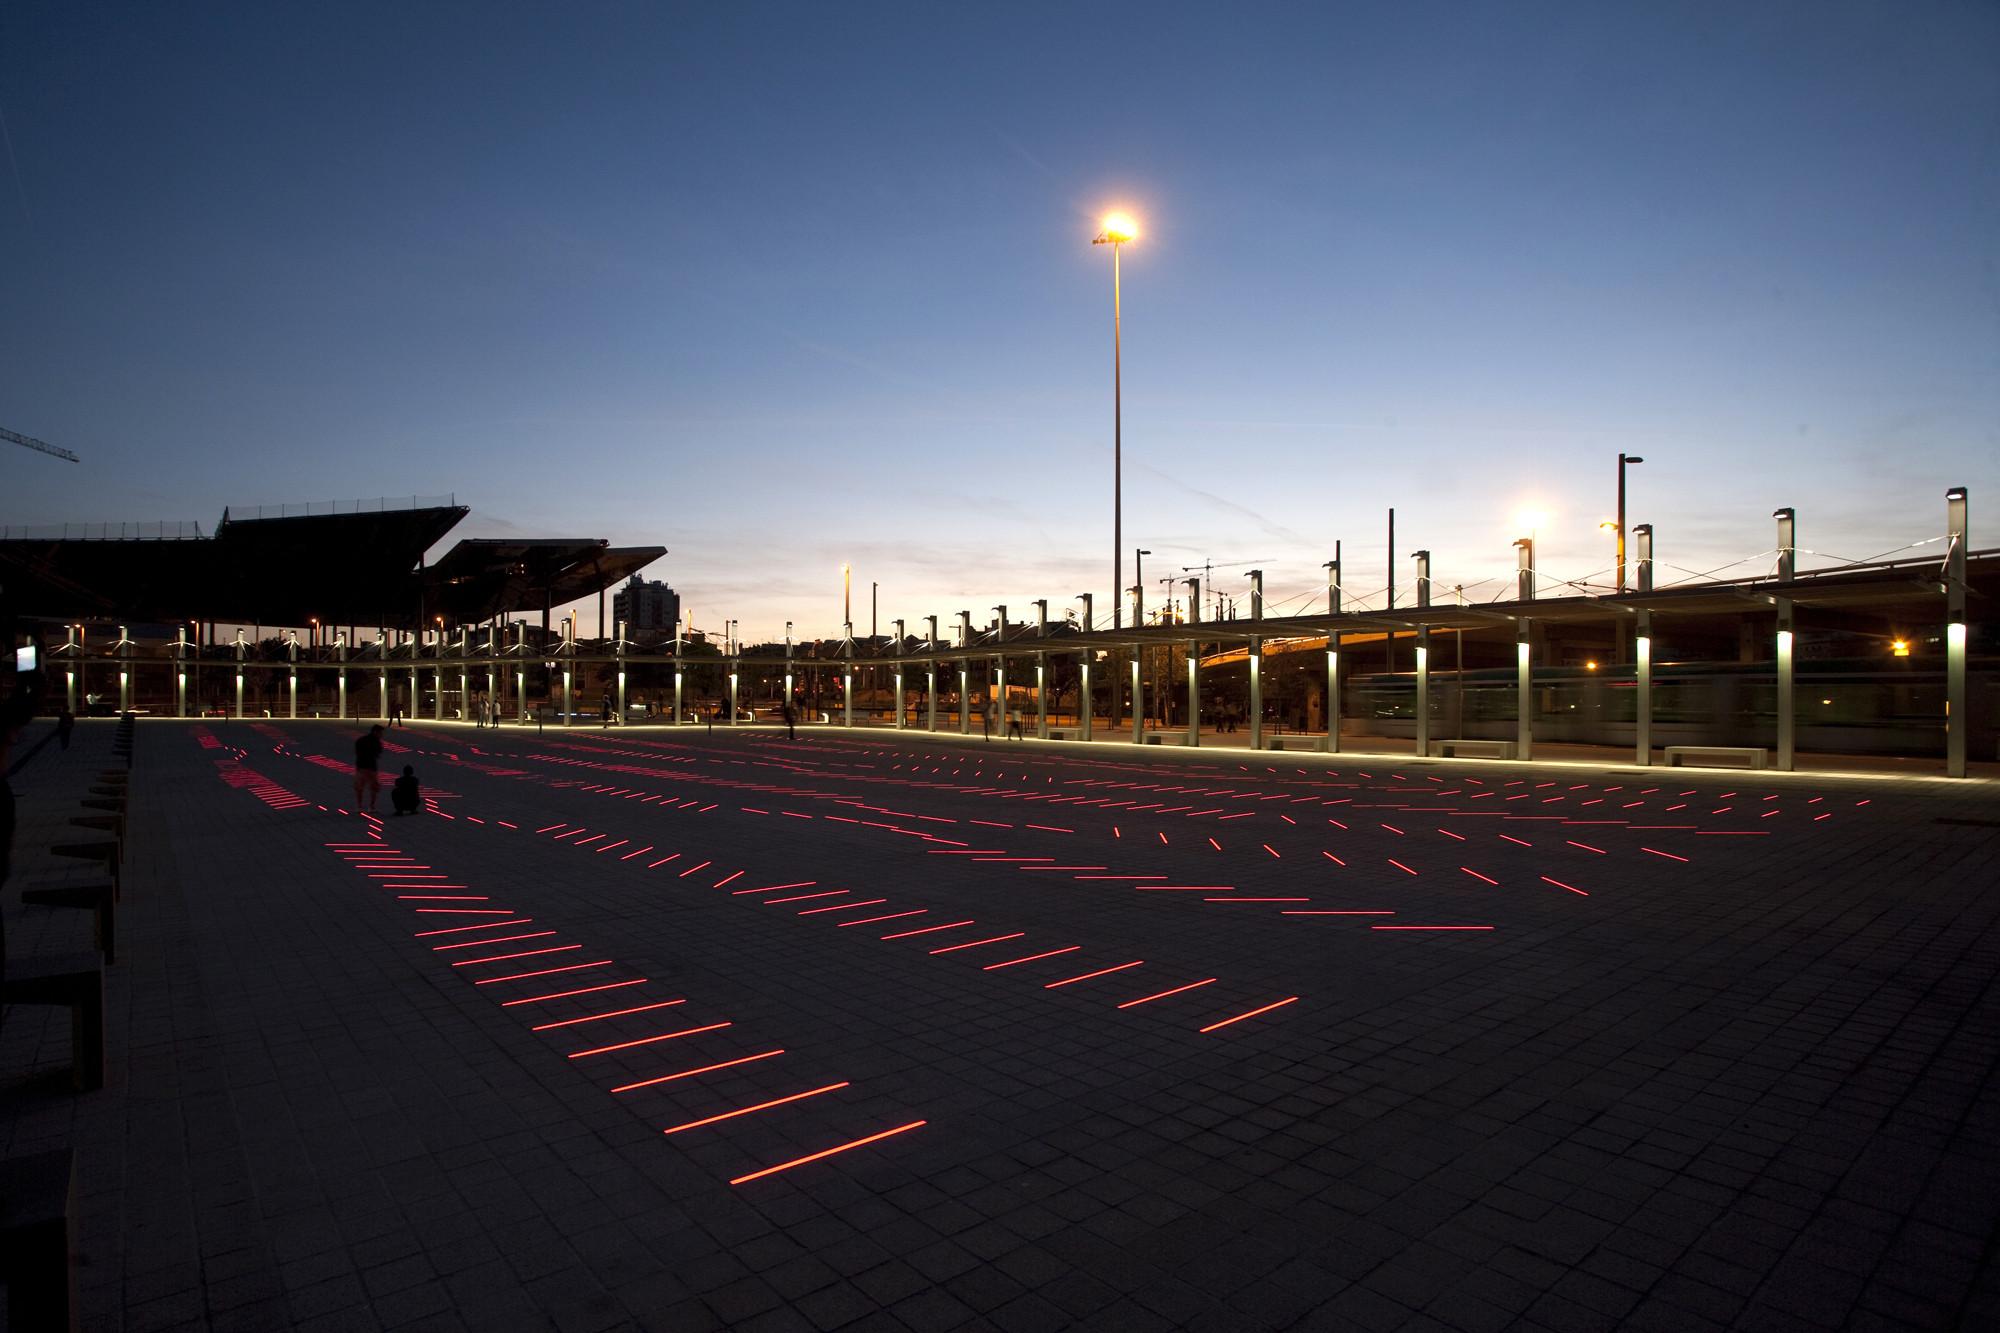 Proyecto de Iluminación: BruumRuum! luz social y sonido interactivo por artec3 Studio & David Torrents, La luz cambia la percepción de la plaza por la noche.. Image ©  Xavi Padrós